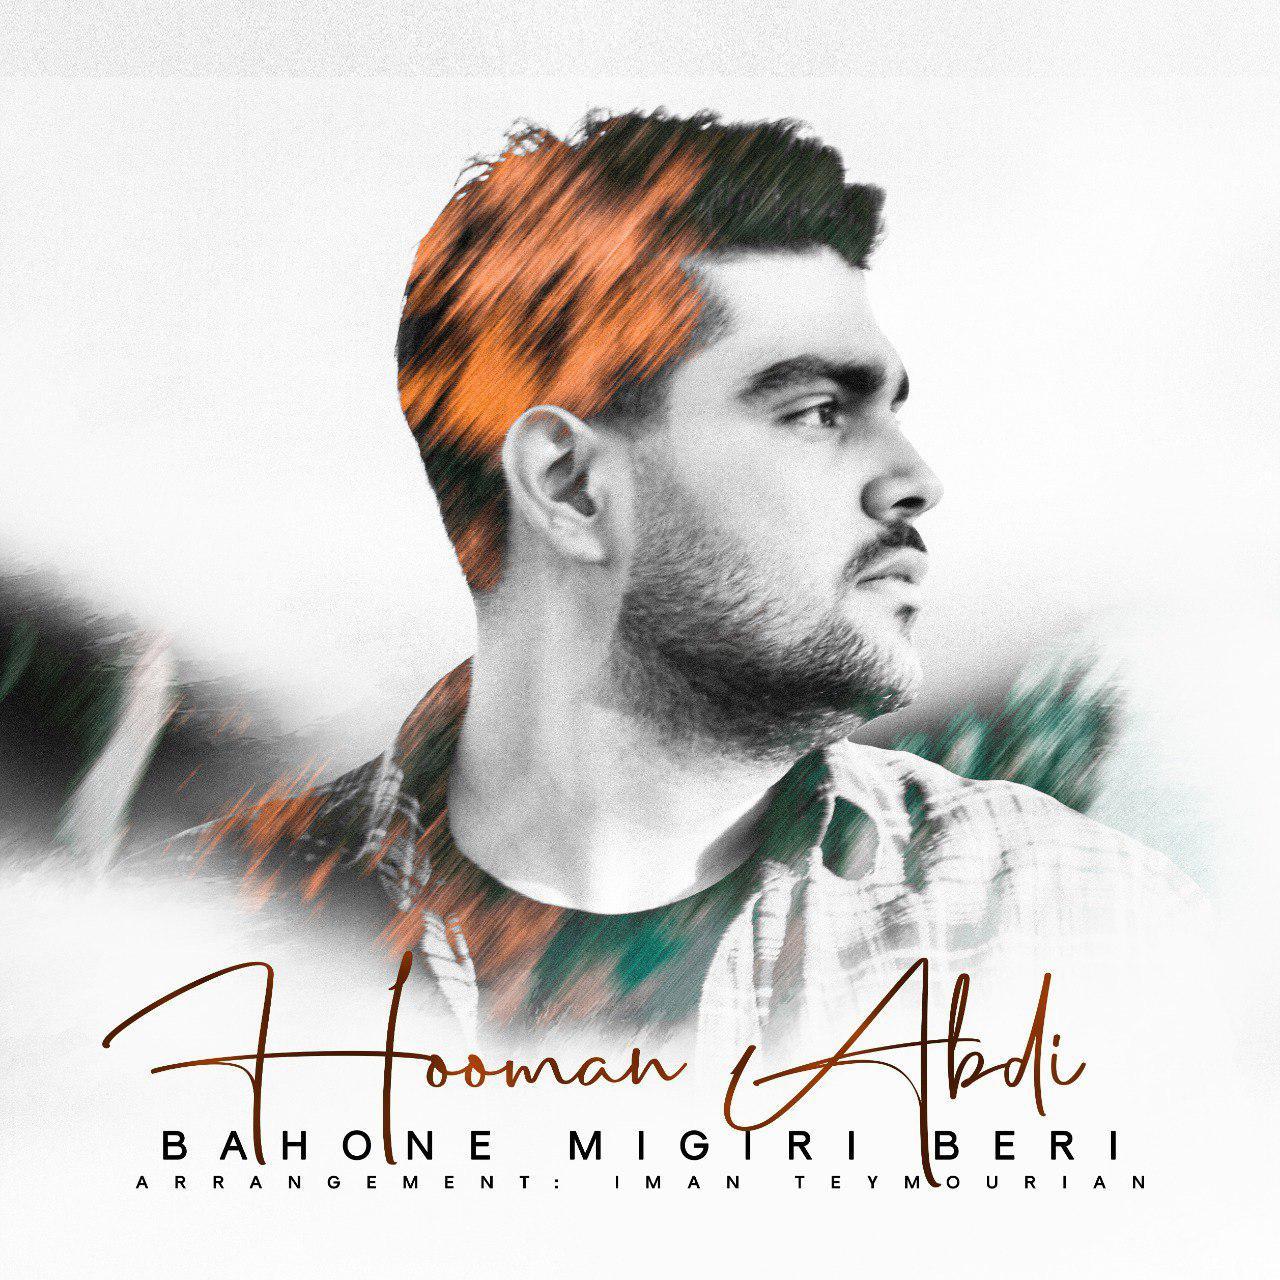 Hooman Abdi – Bahone Migiri Beri